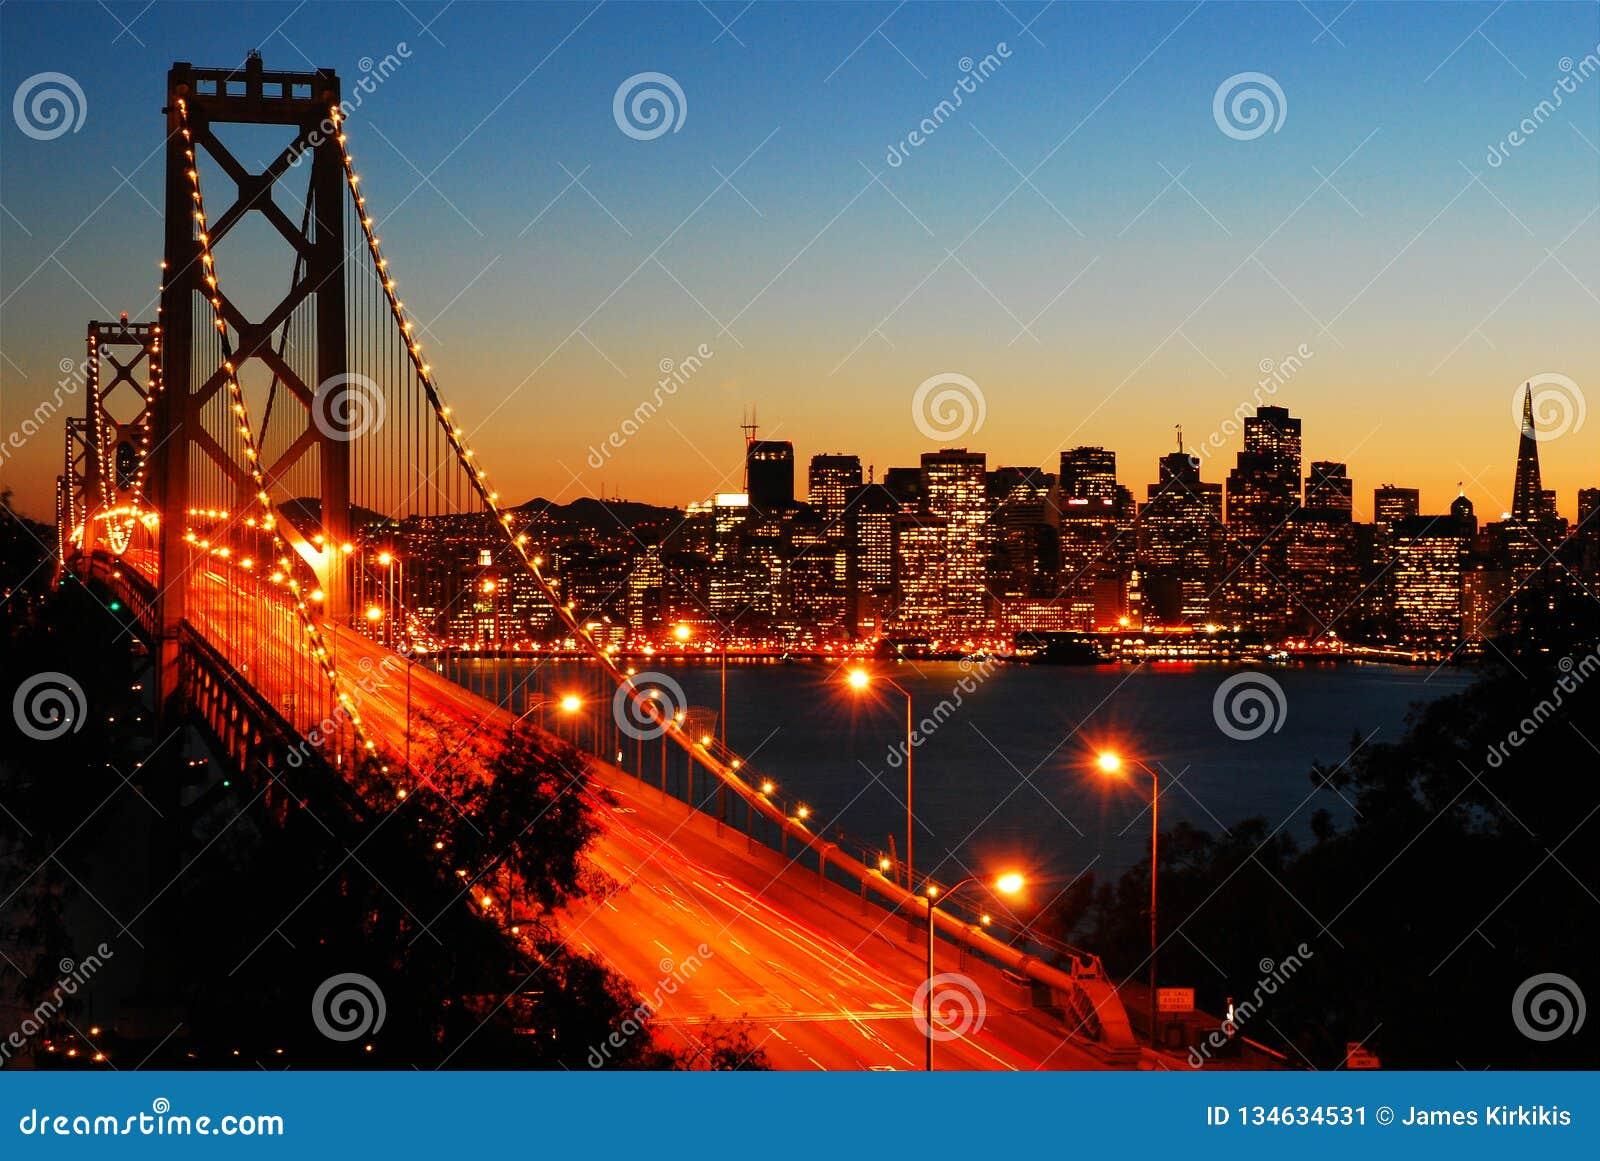 Γέφυρα κόλπων του Σαν Φρανσίσκο στο σούρουπο